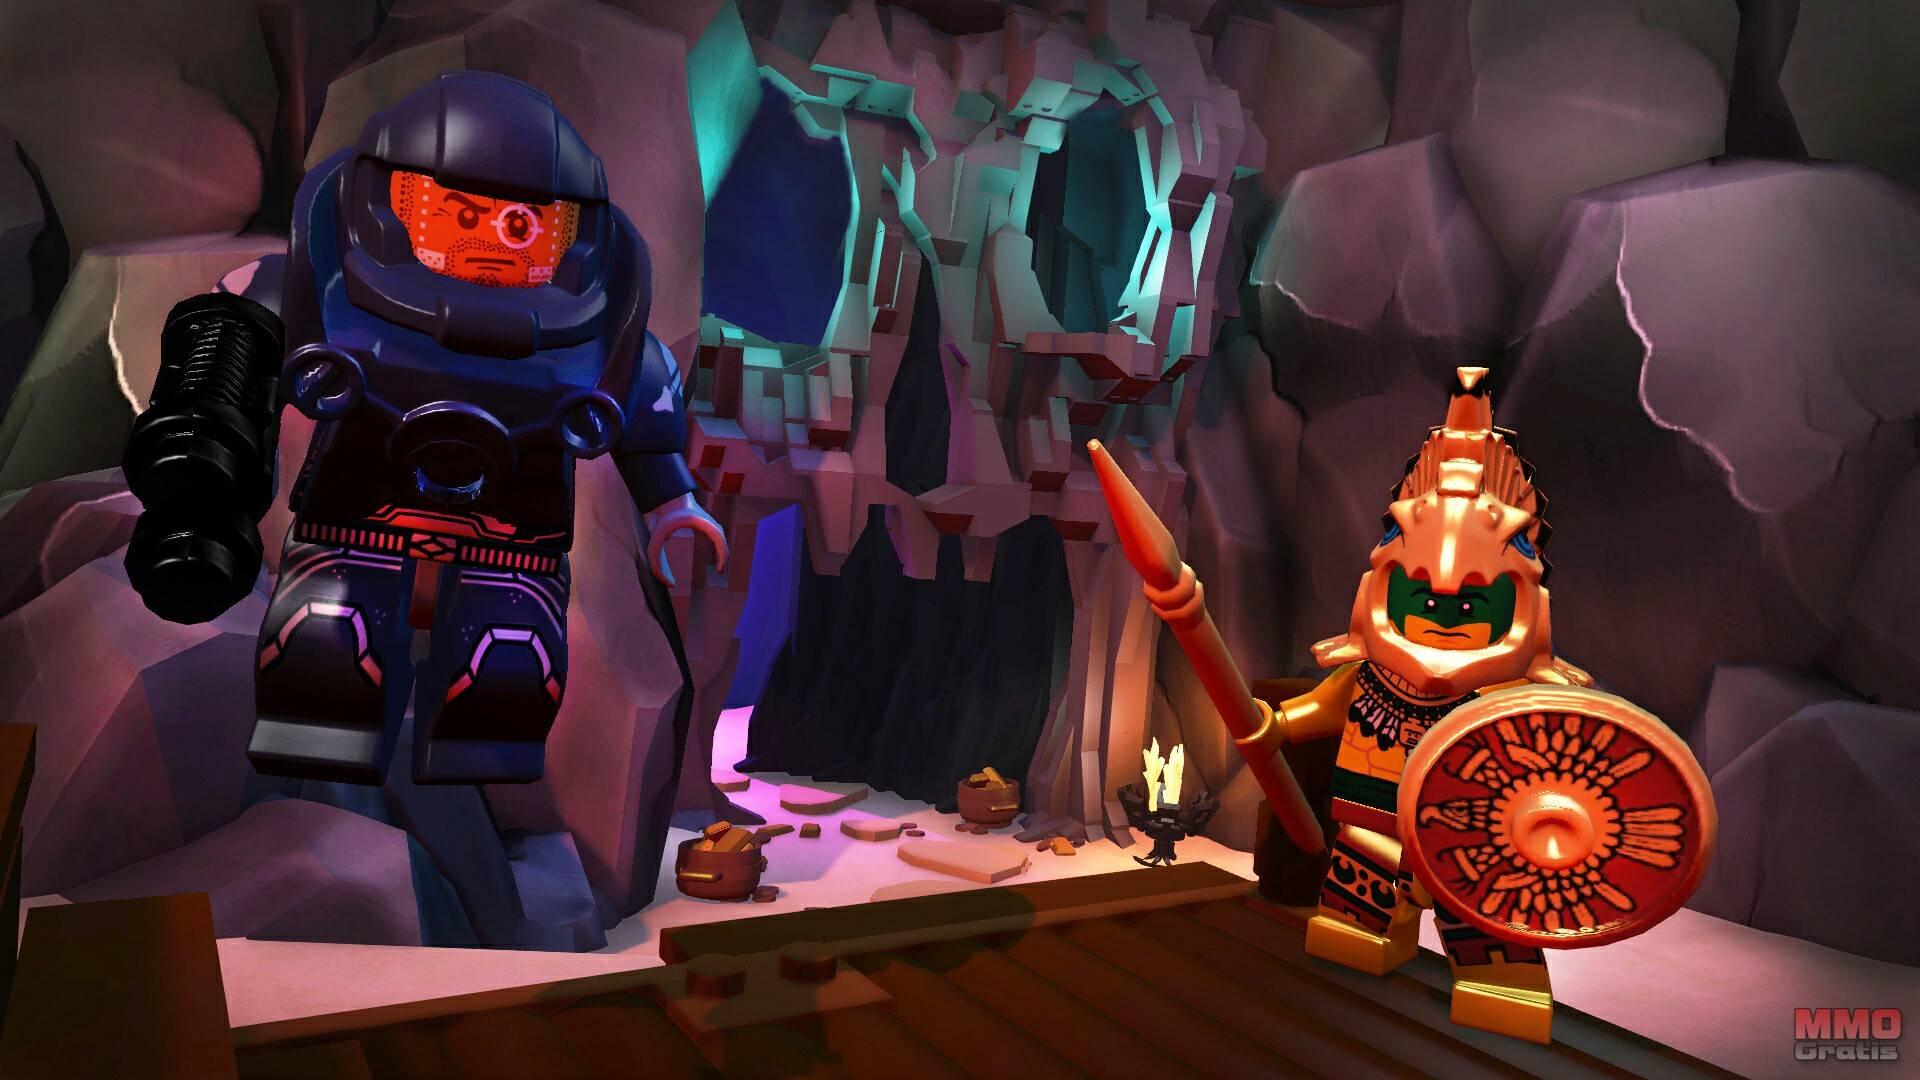 Imagenes de Lego Minifigures Online